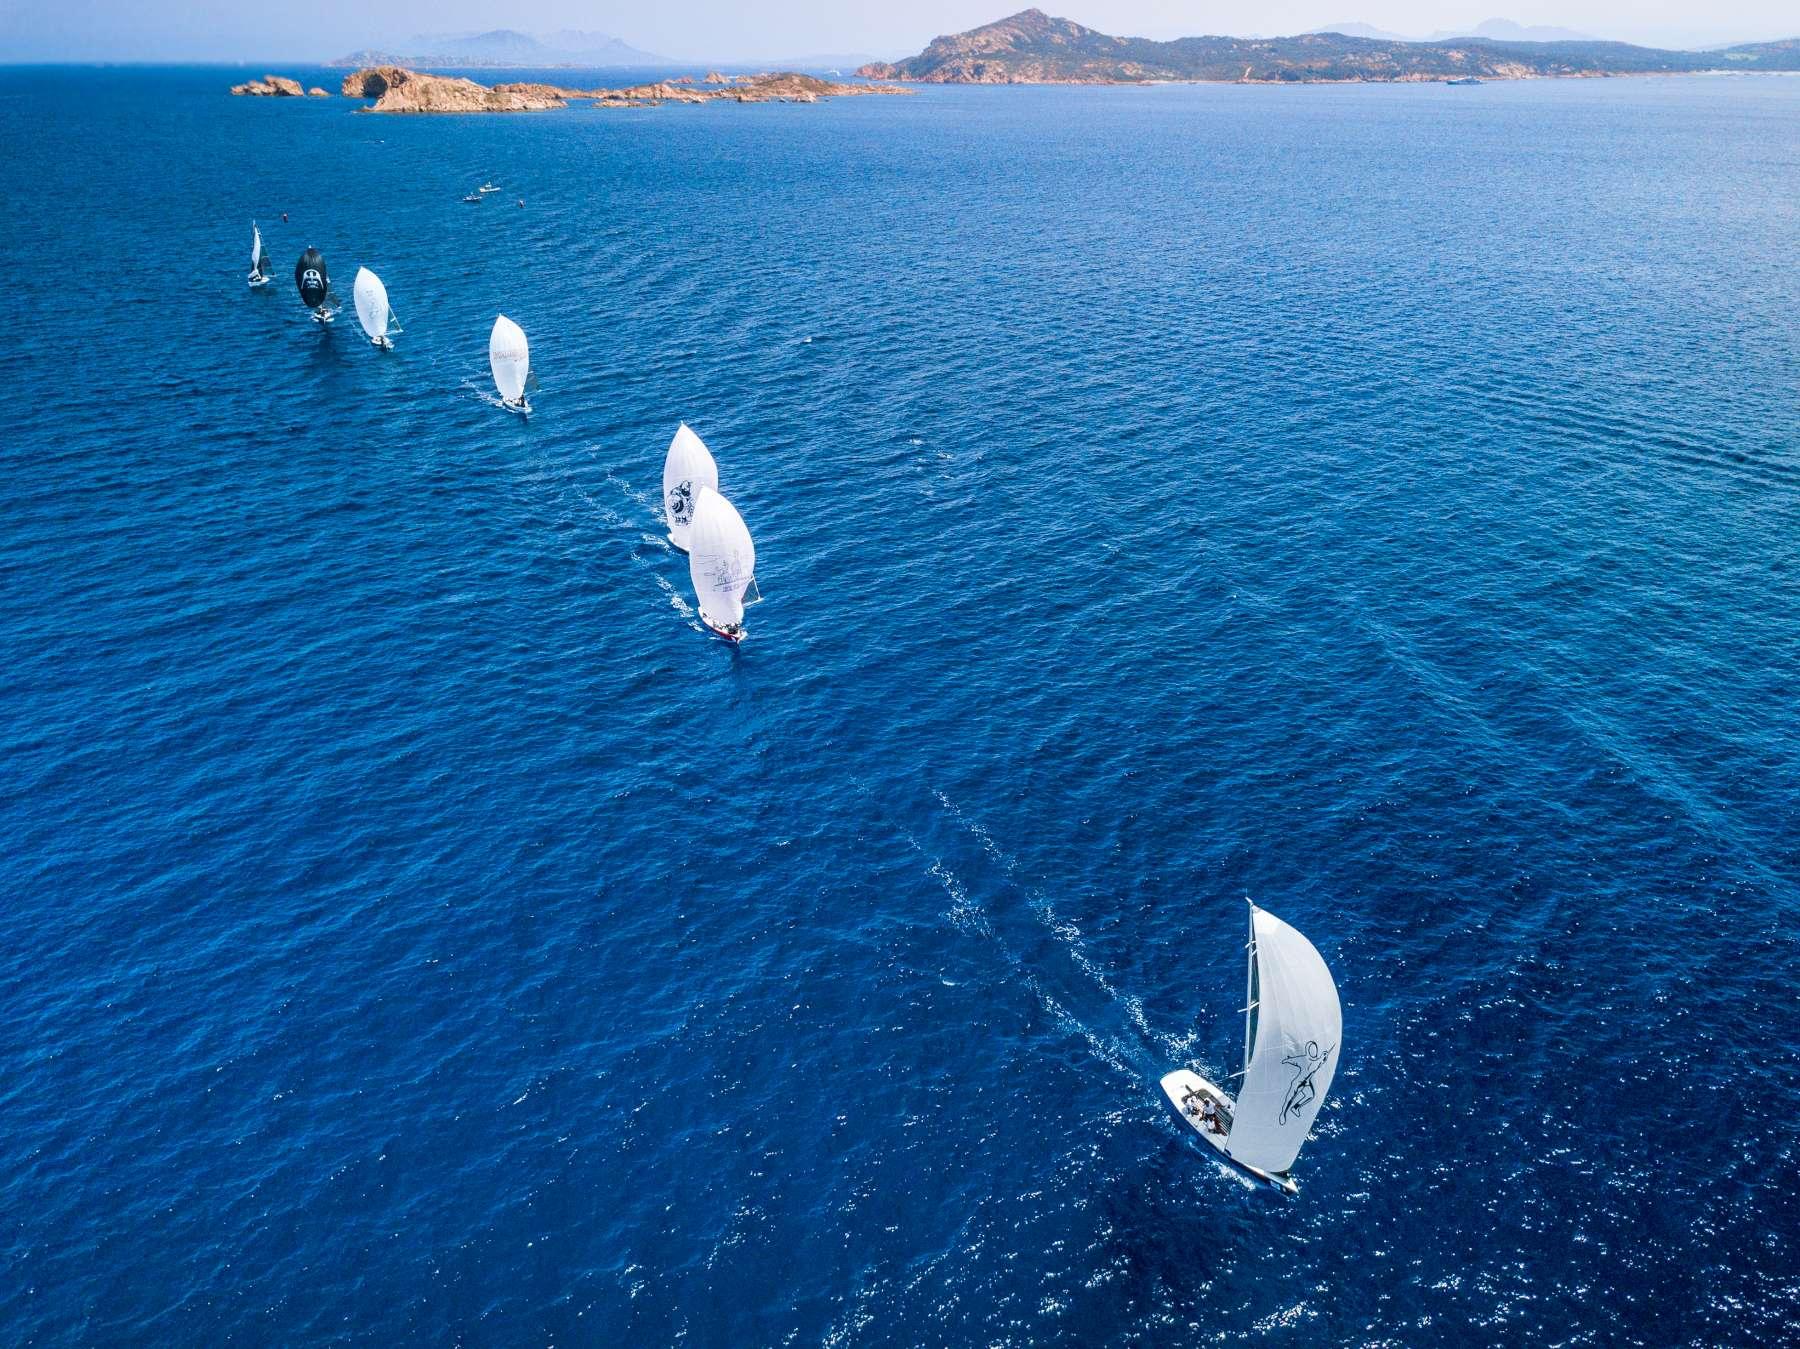 La Coppa Europa 888 apre la stagione sportiva dello Yacht Club Costa Smeralda - NEWS - Yacht Club Costa Smeralda